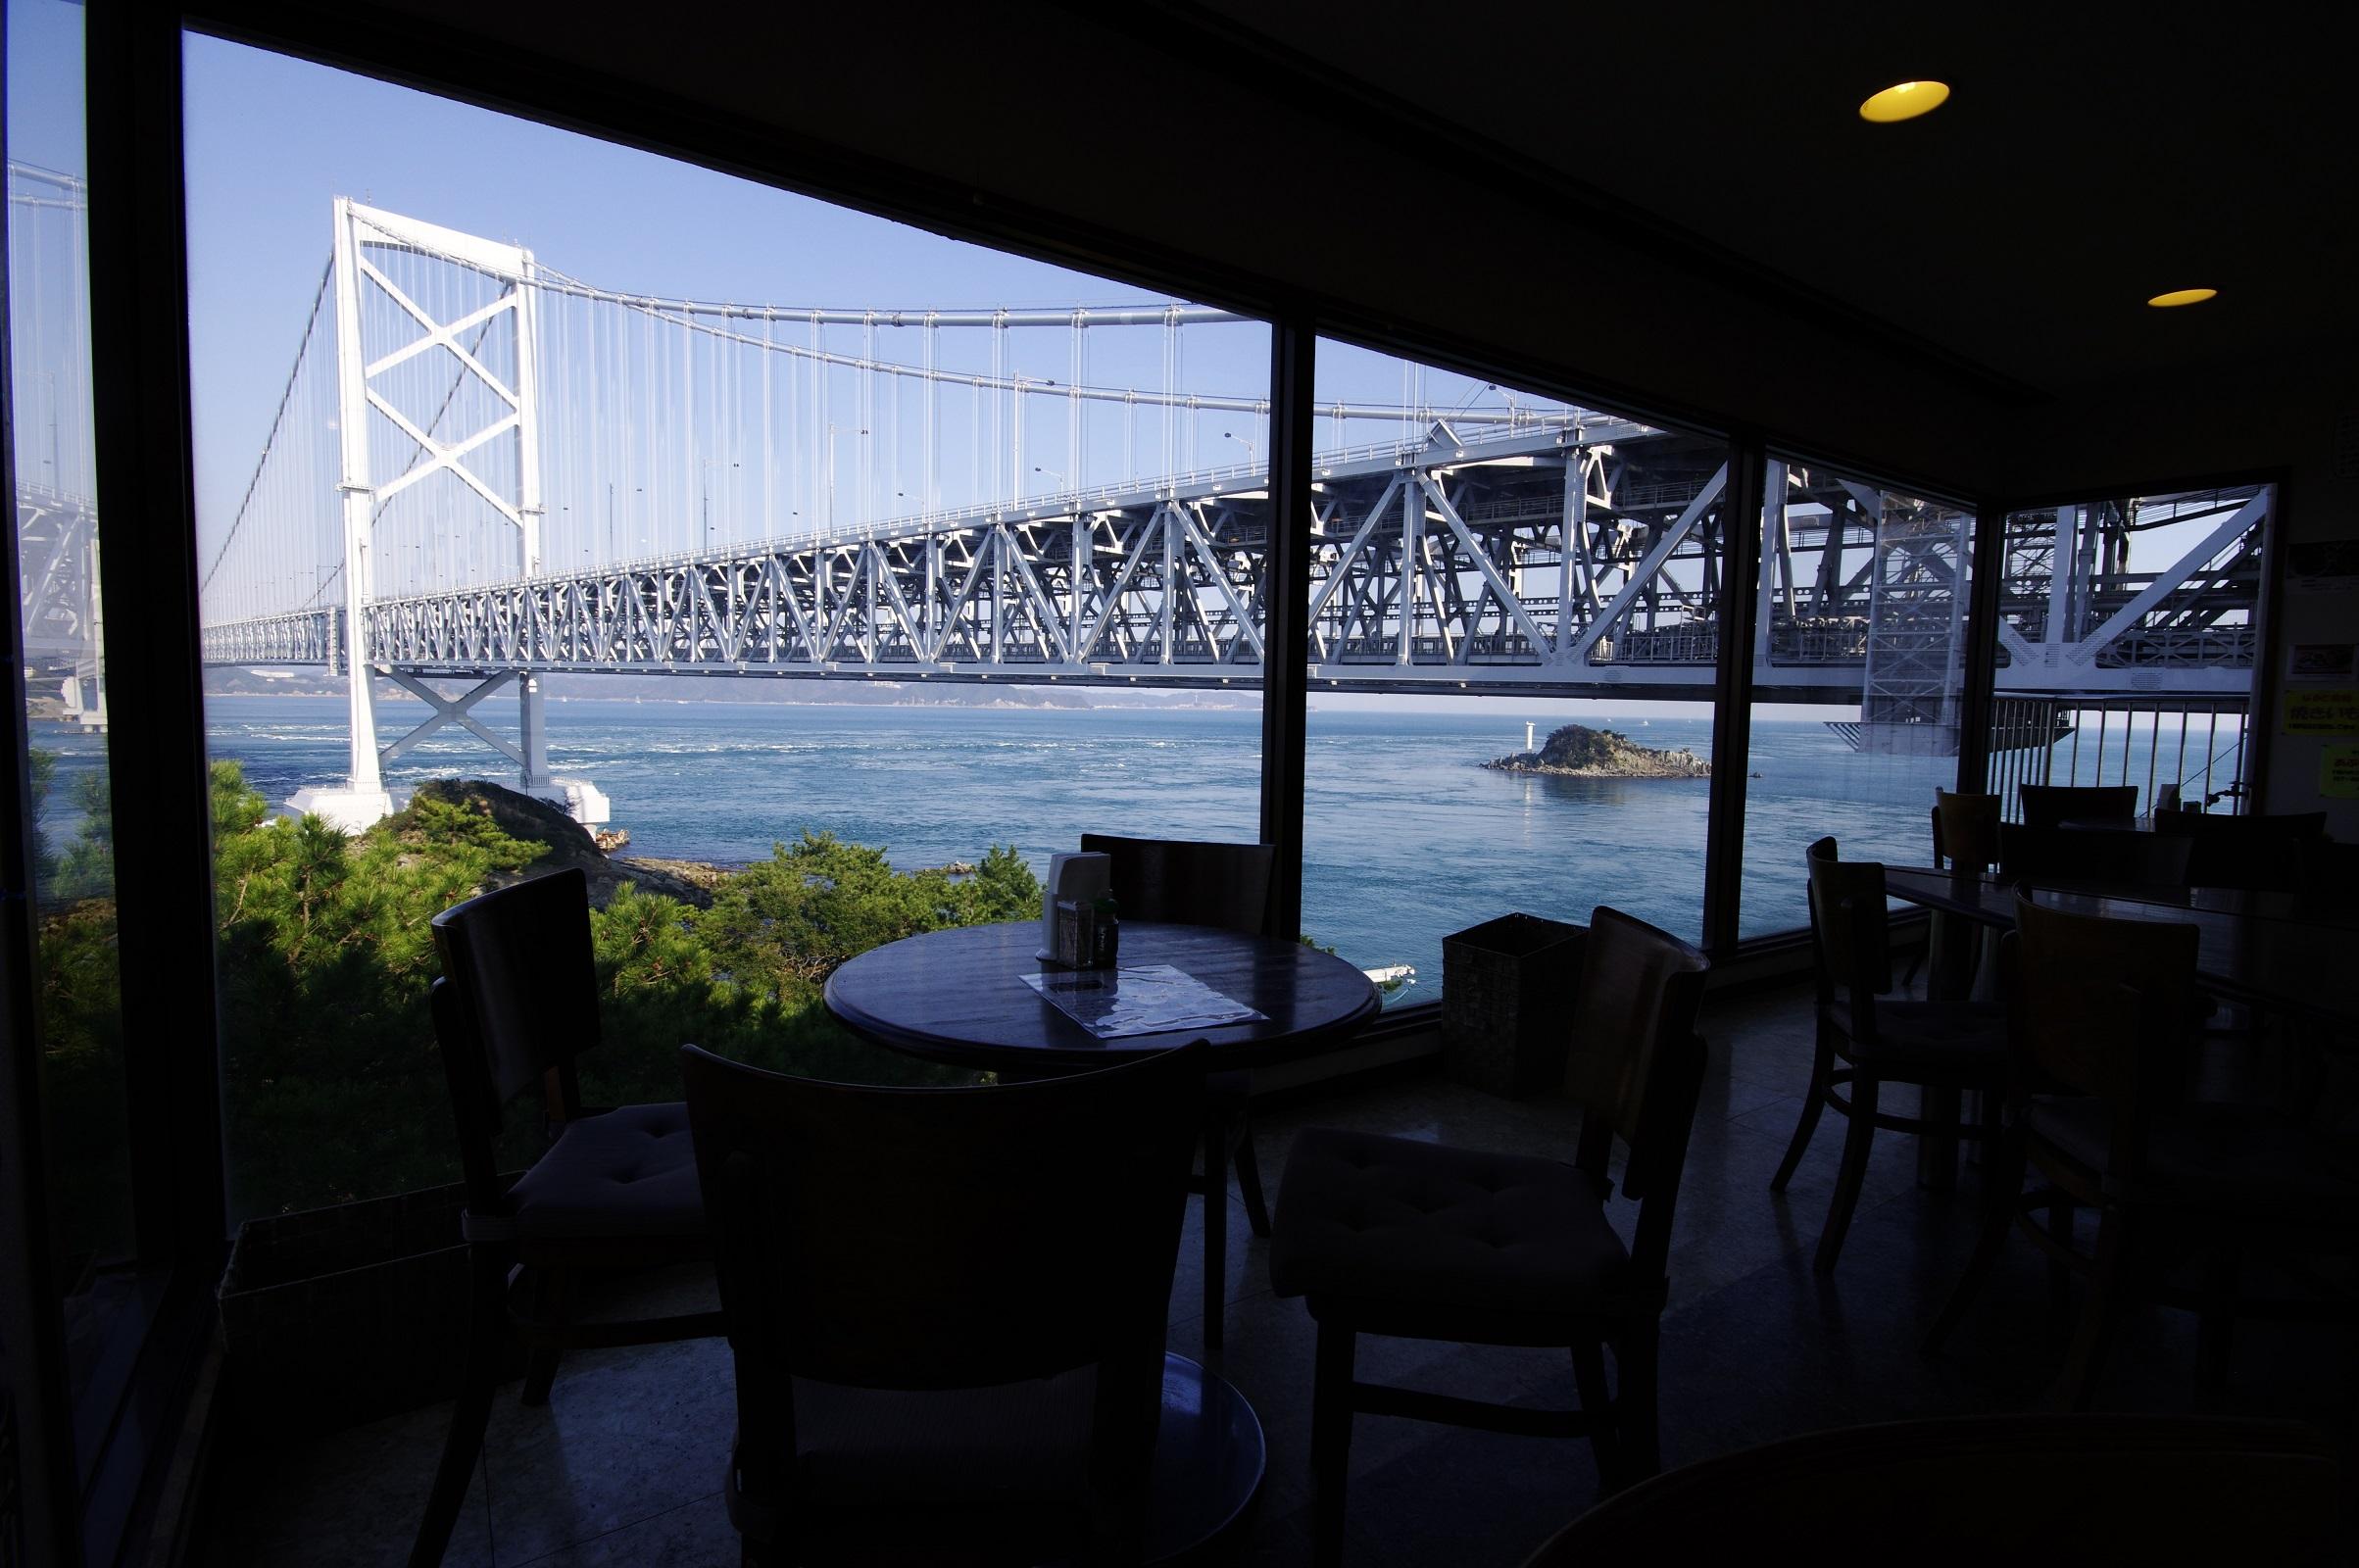 鳴門海峡とグルメが一度に楽しめる絶景スポット!「潮風」@鳴門公園